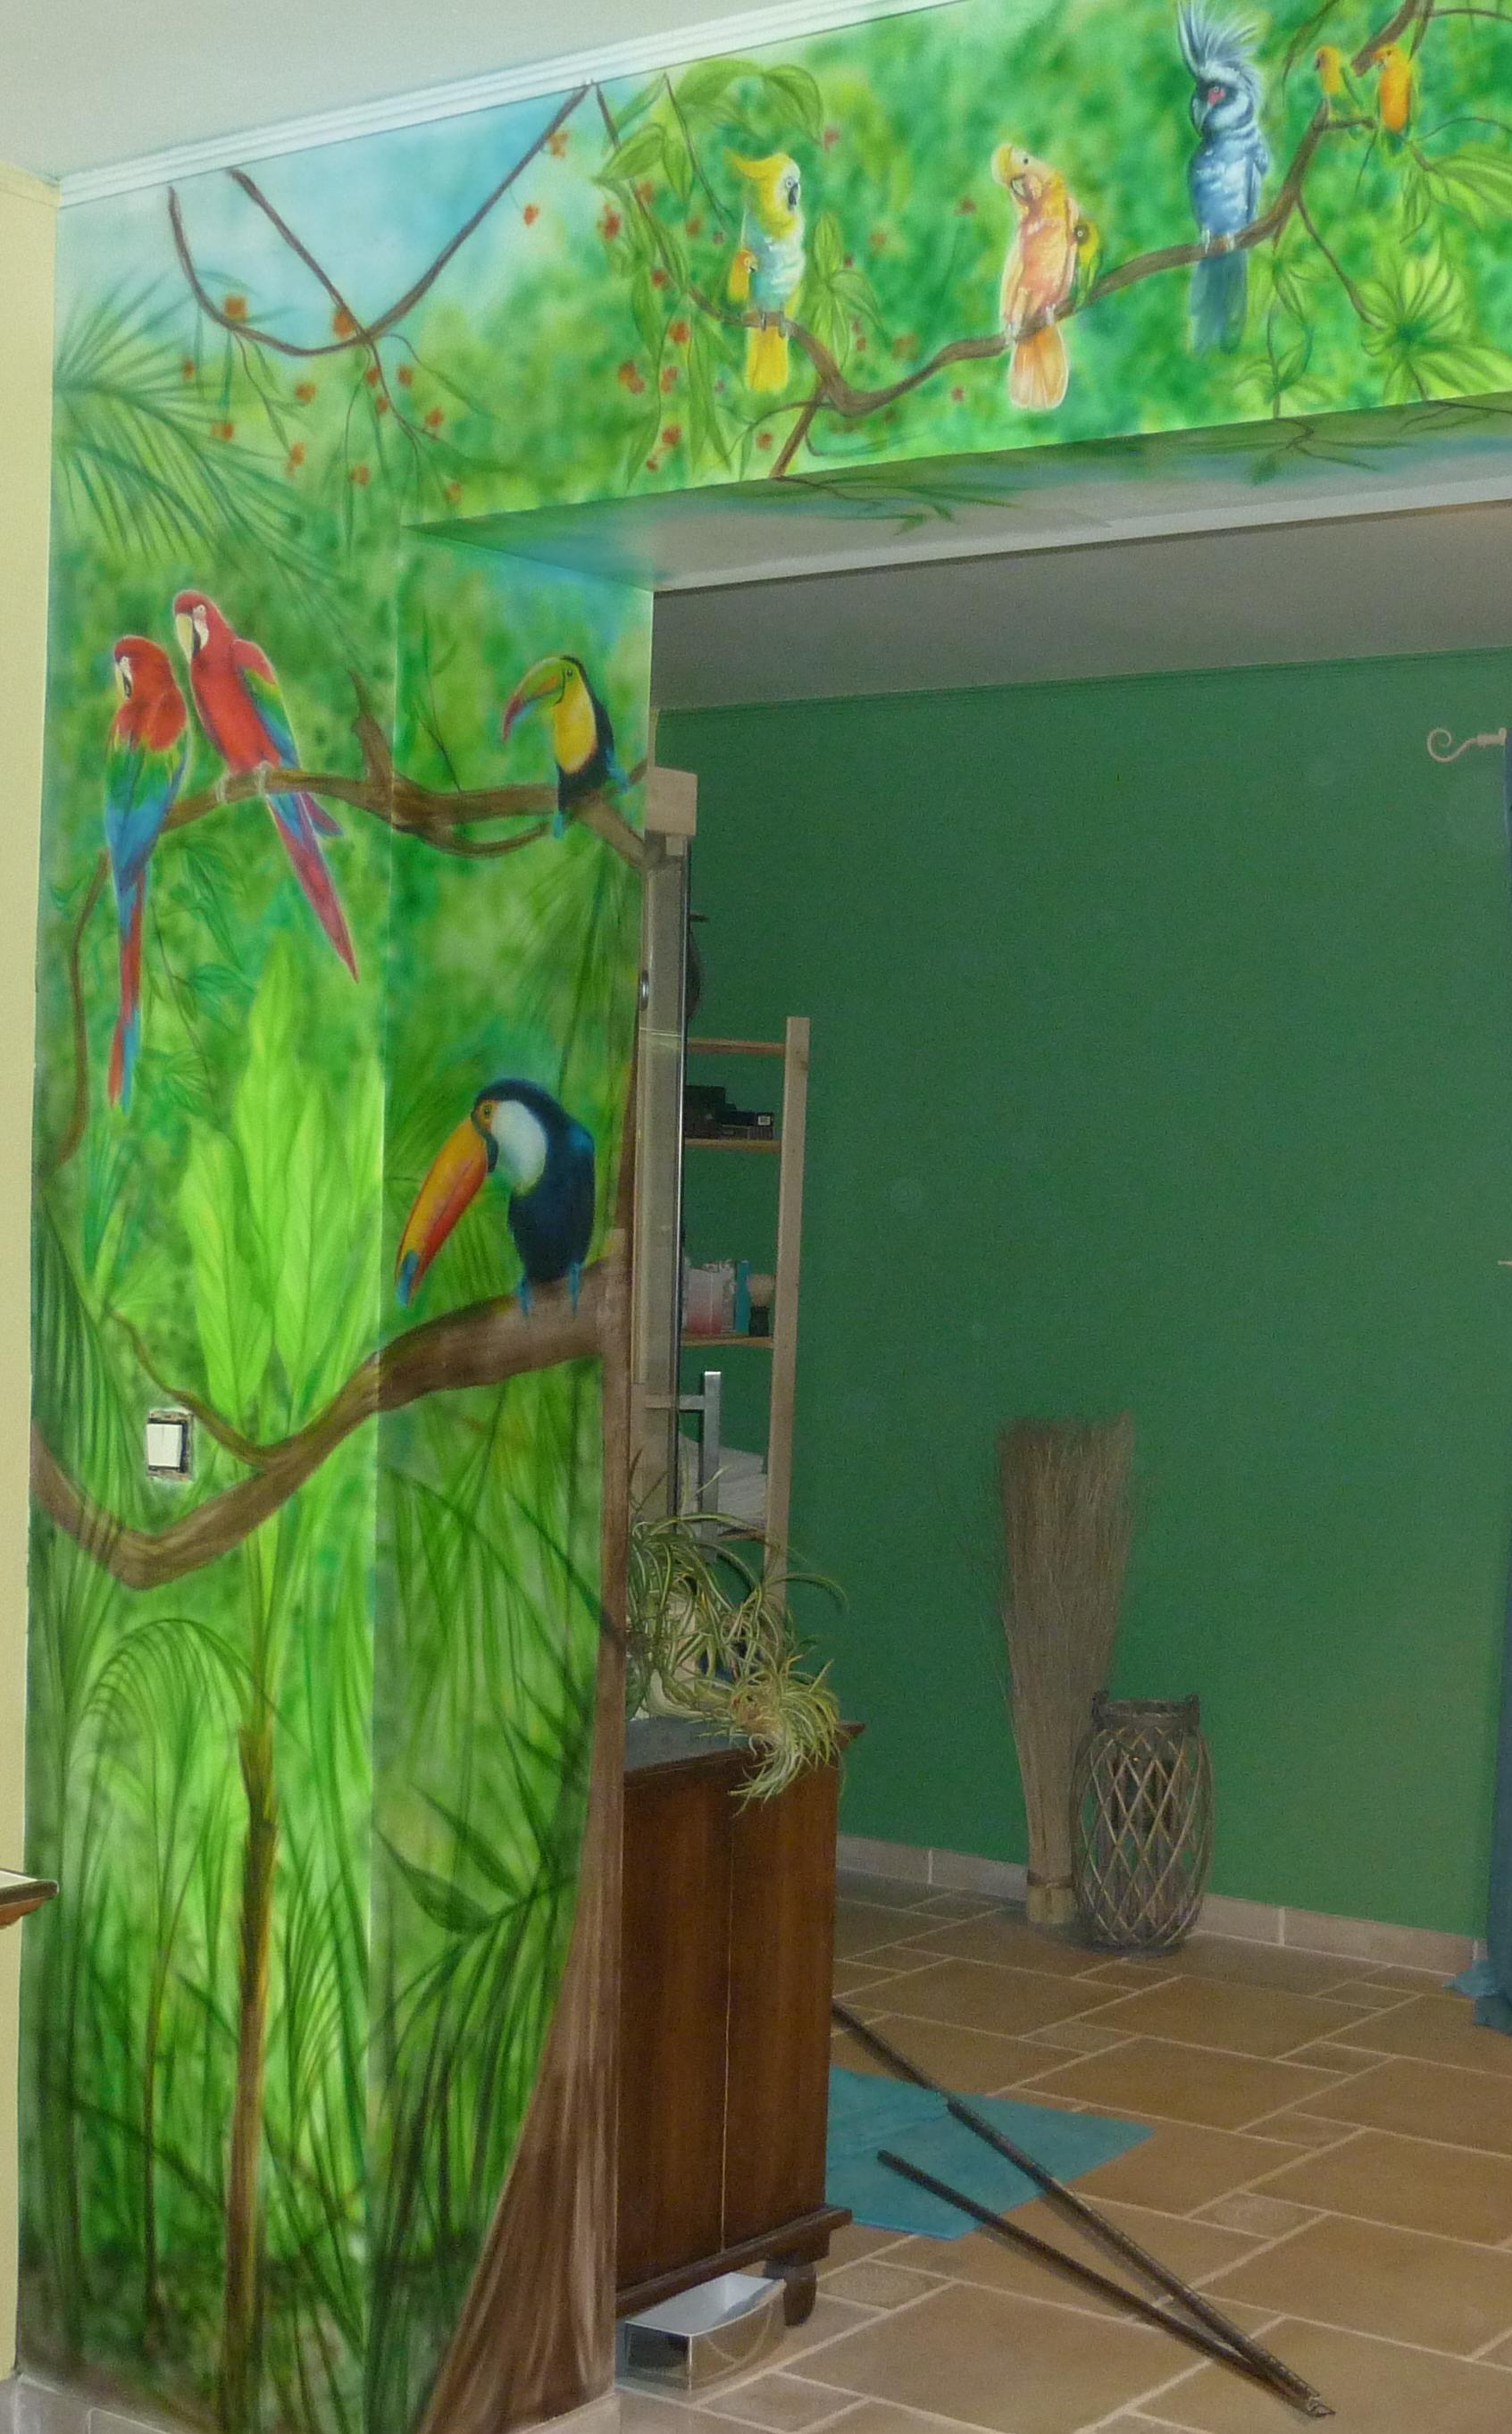 décor mural dans une salle de bain